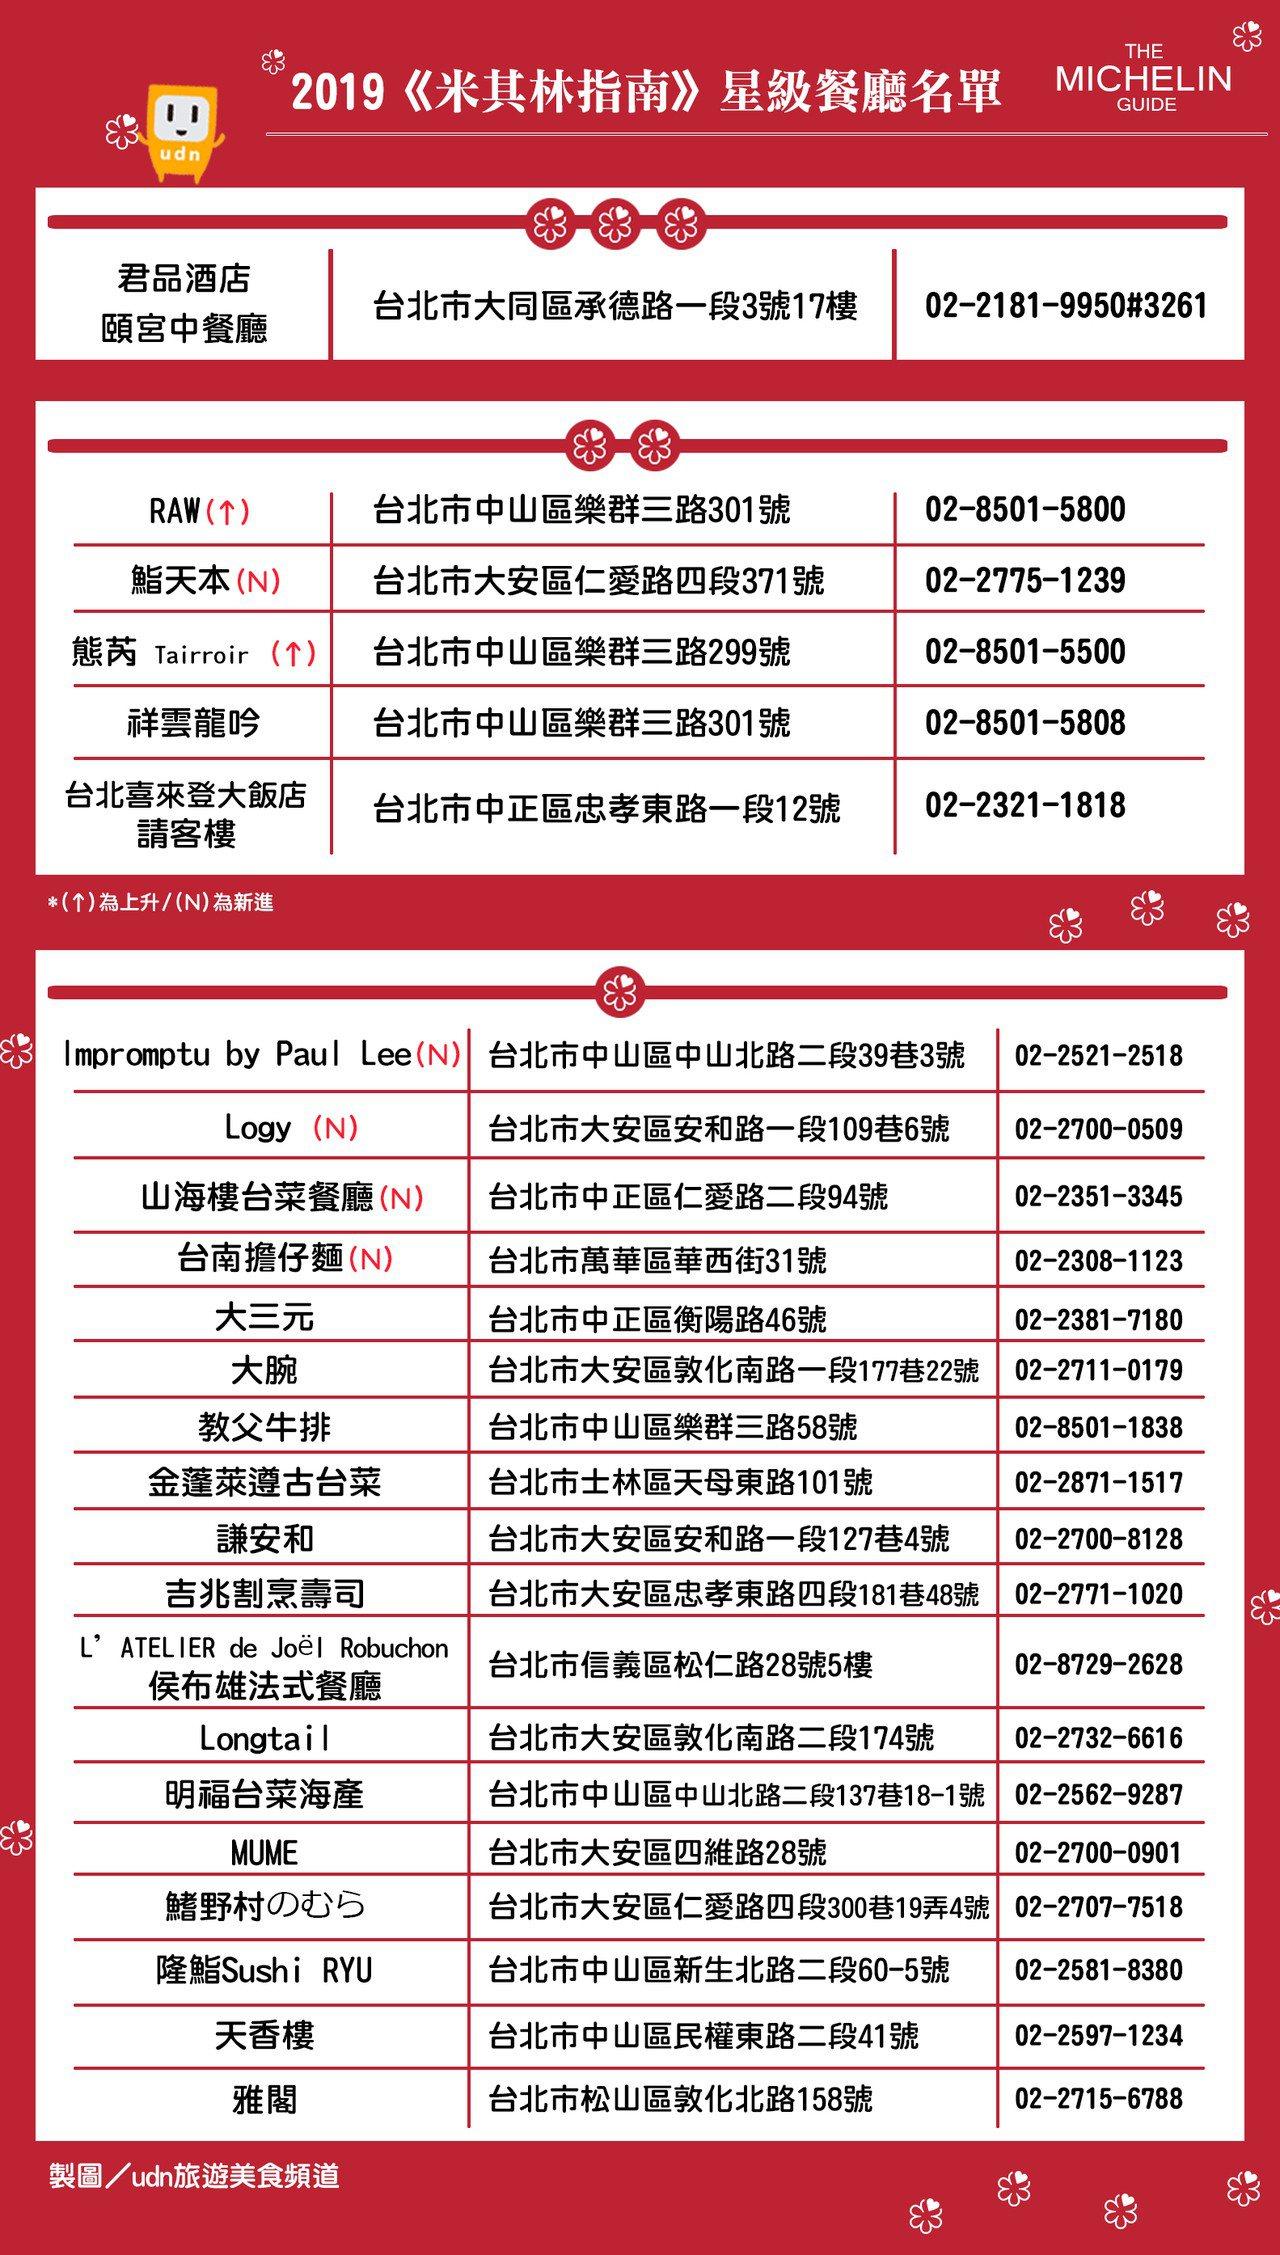 台北米其林2019星級美食完整名單。圖/udn旅遊美食製